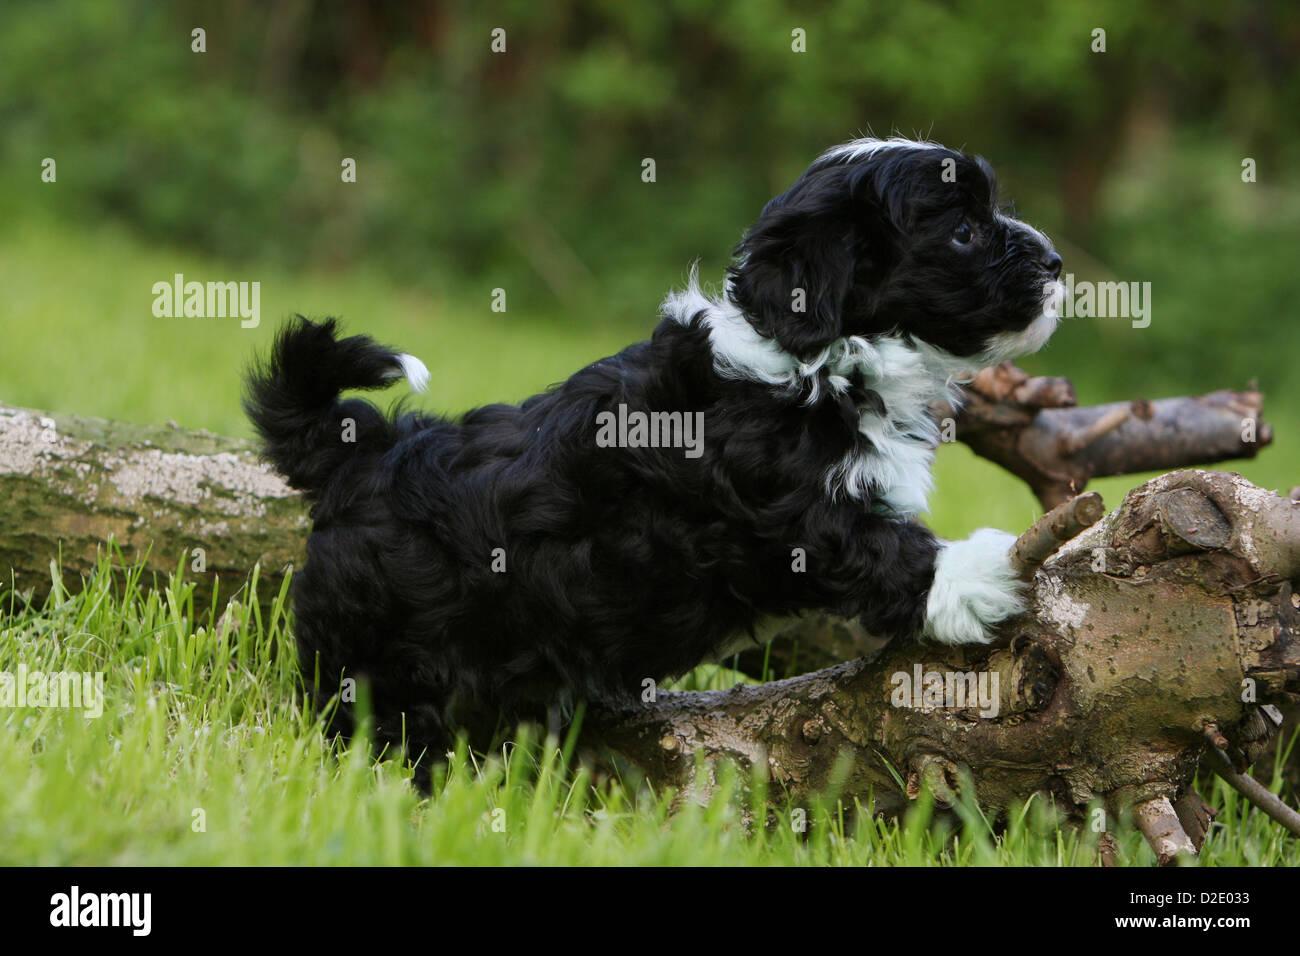 Dog Havanese / Bichon Havanais / Havaneser puppy (black